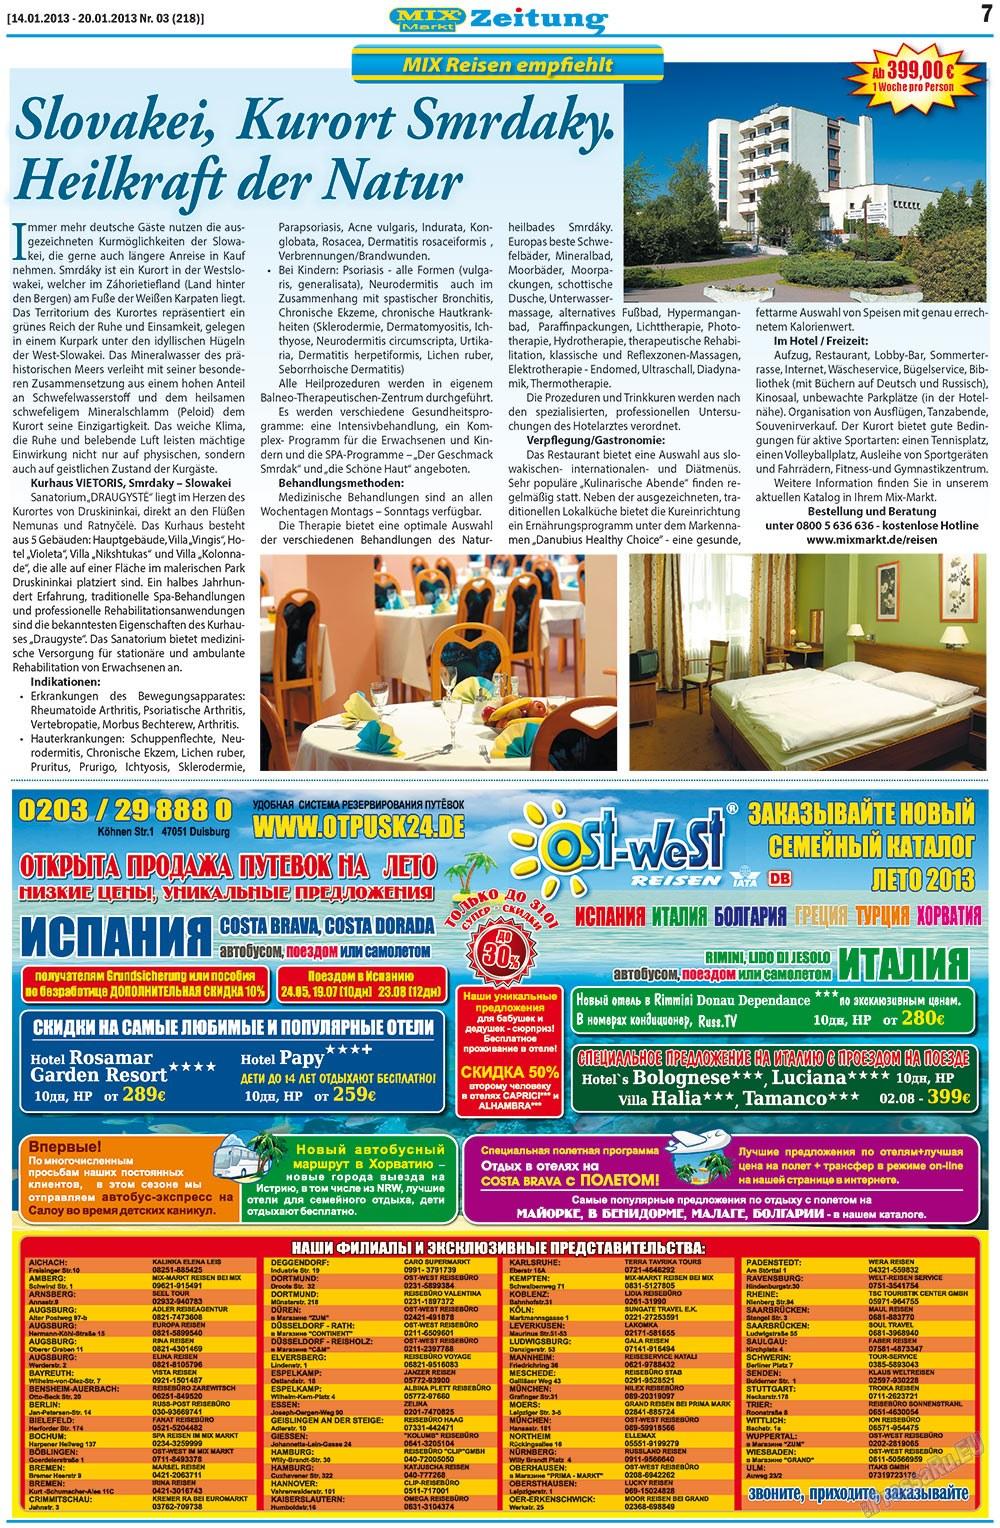 MIX-Markt Zeitung (газета). 2013 год, номер 3, стр. 7